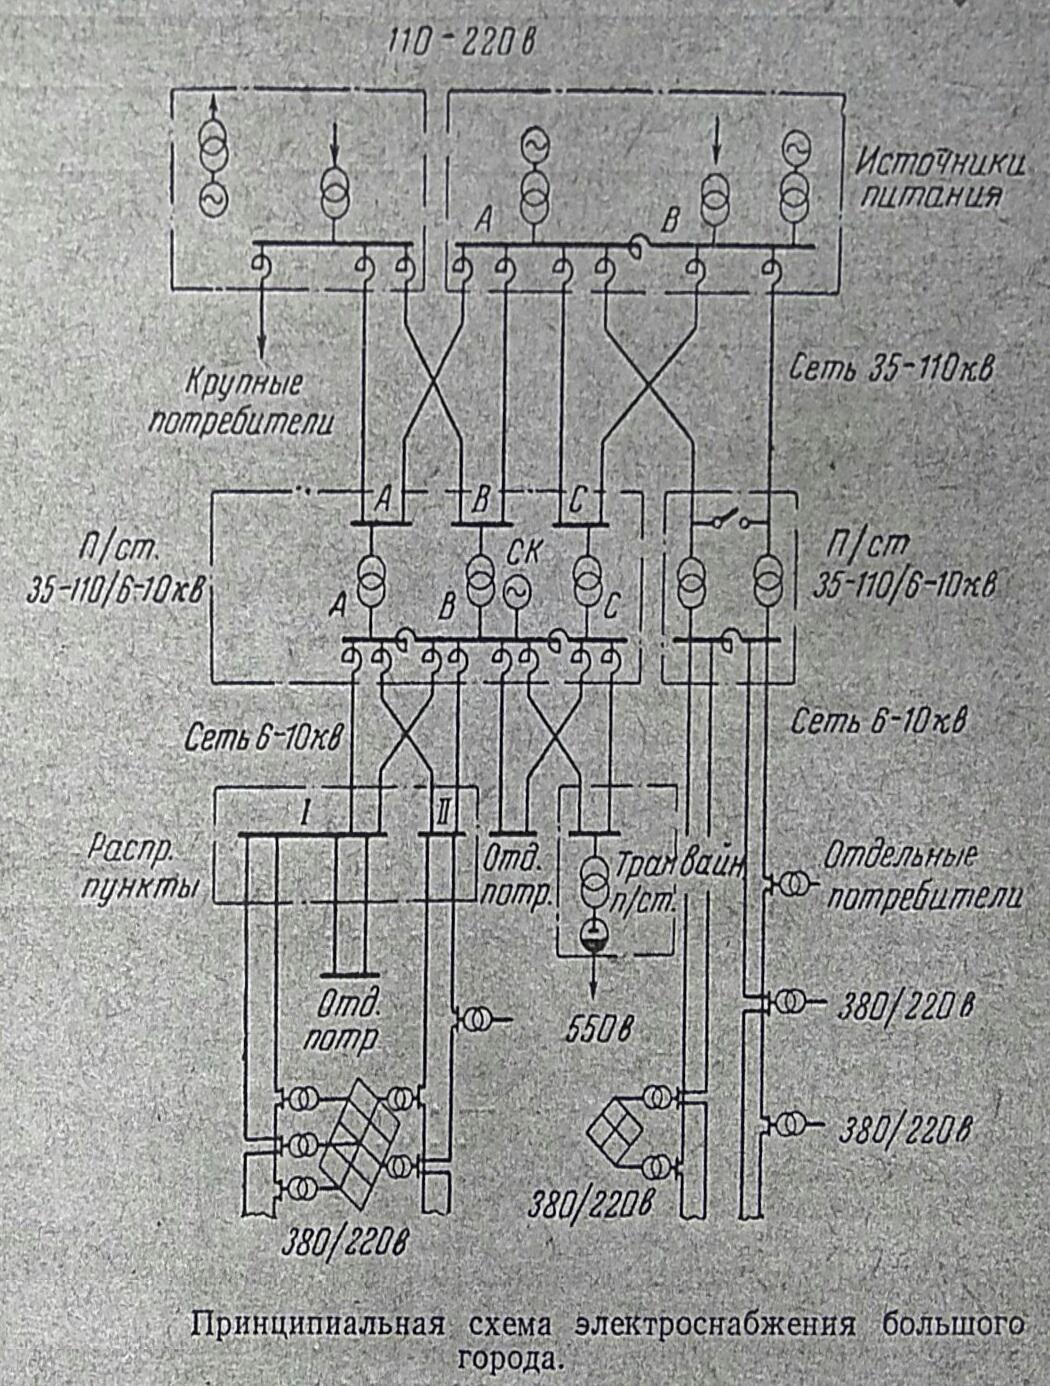 Схема электроснабжения города